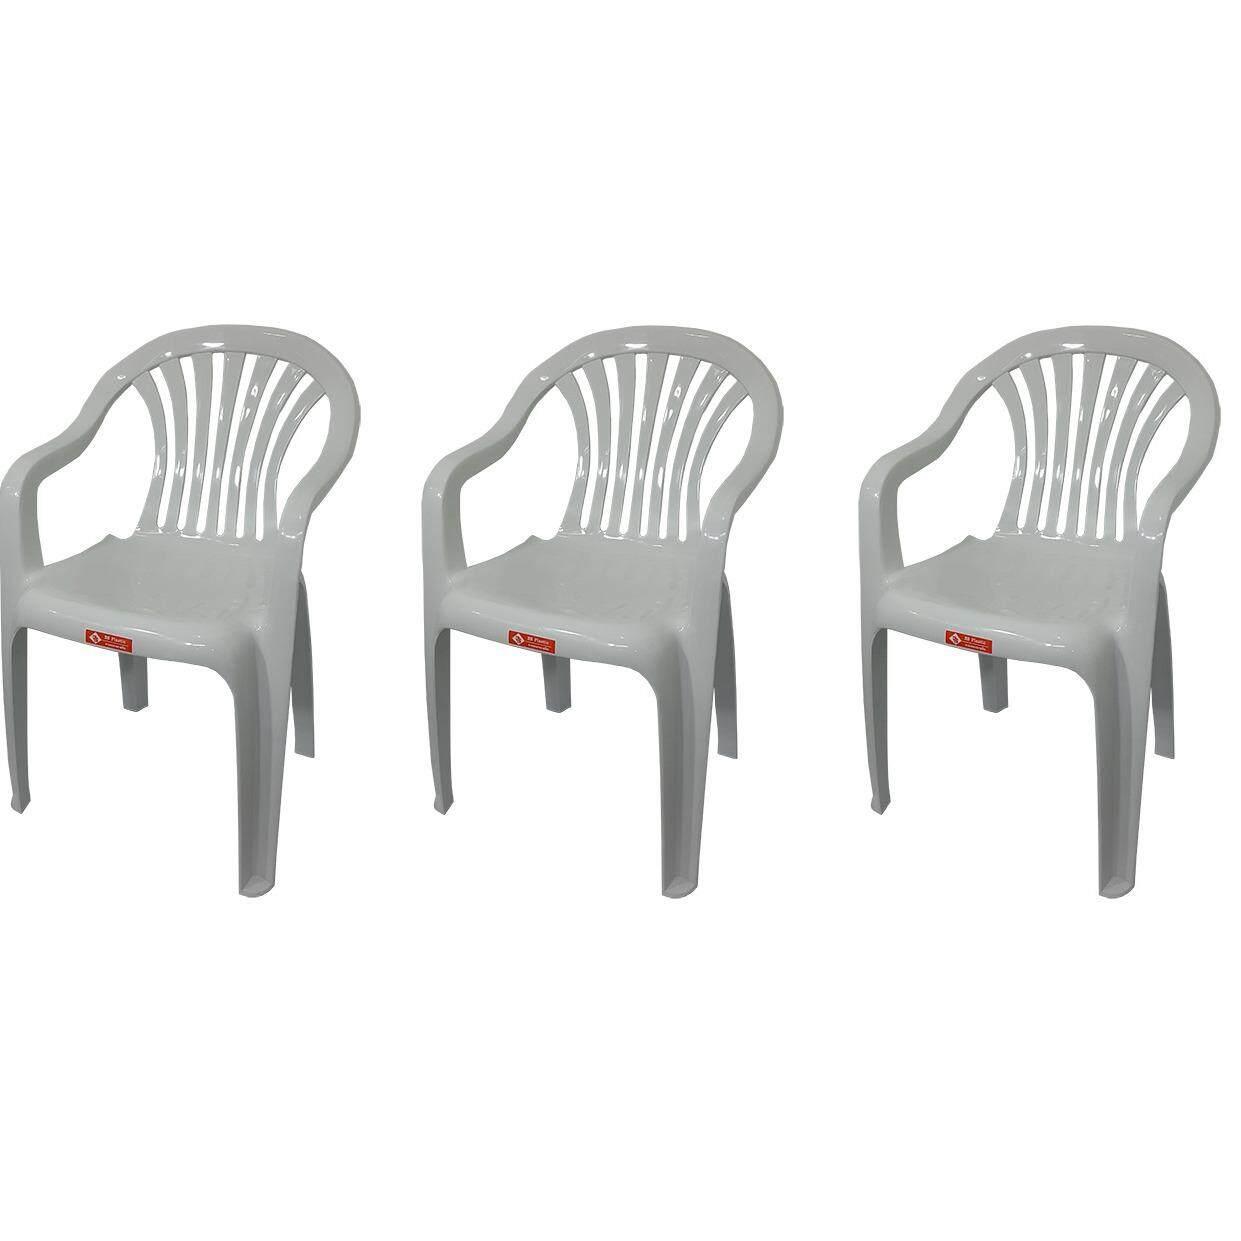 เก้าอี้สนาม มีพนักพิง และ ที่เท้าแขน รุ่น 999 สีขาวอมเทา แพ็ค3ตัว.